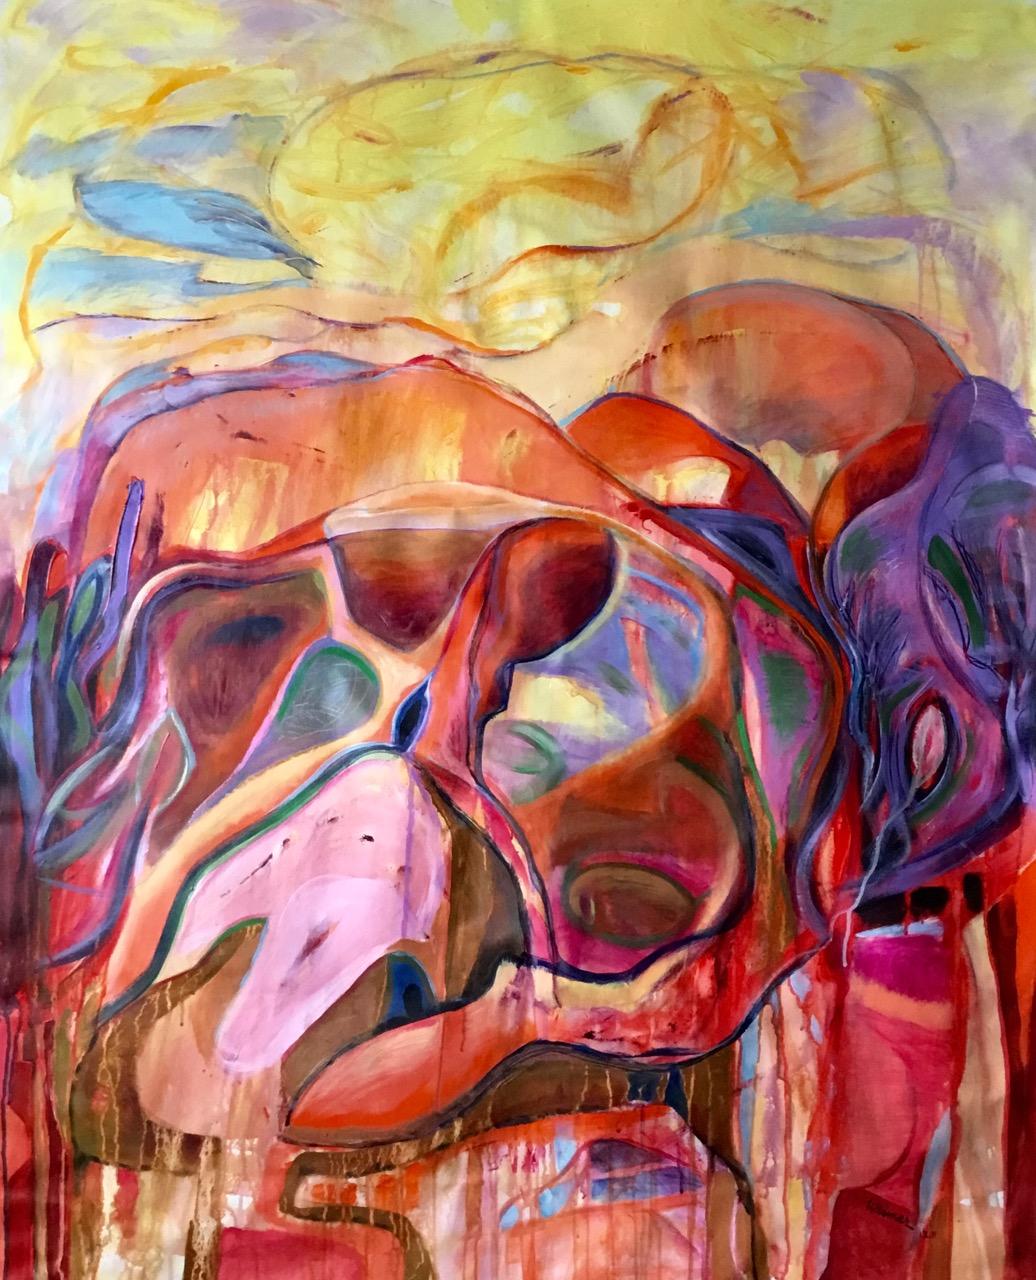 Morning Sun 41x50 acrylic on canvas